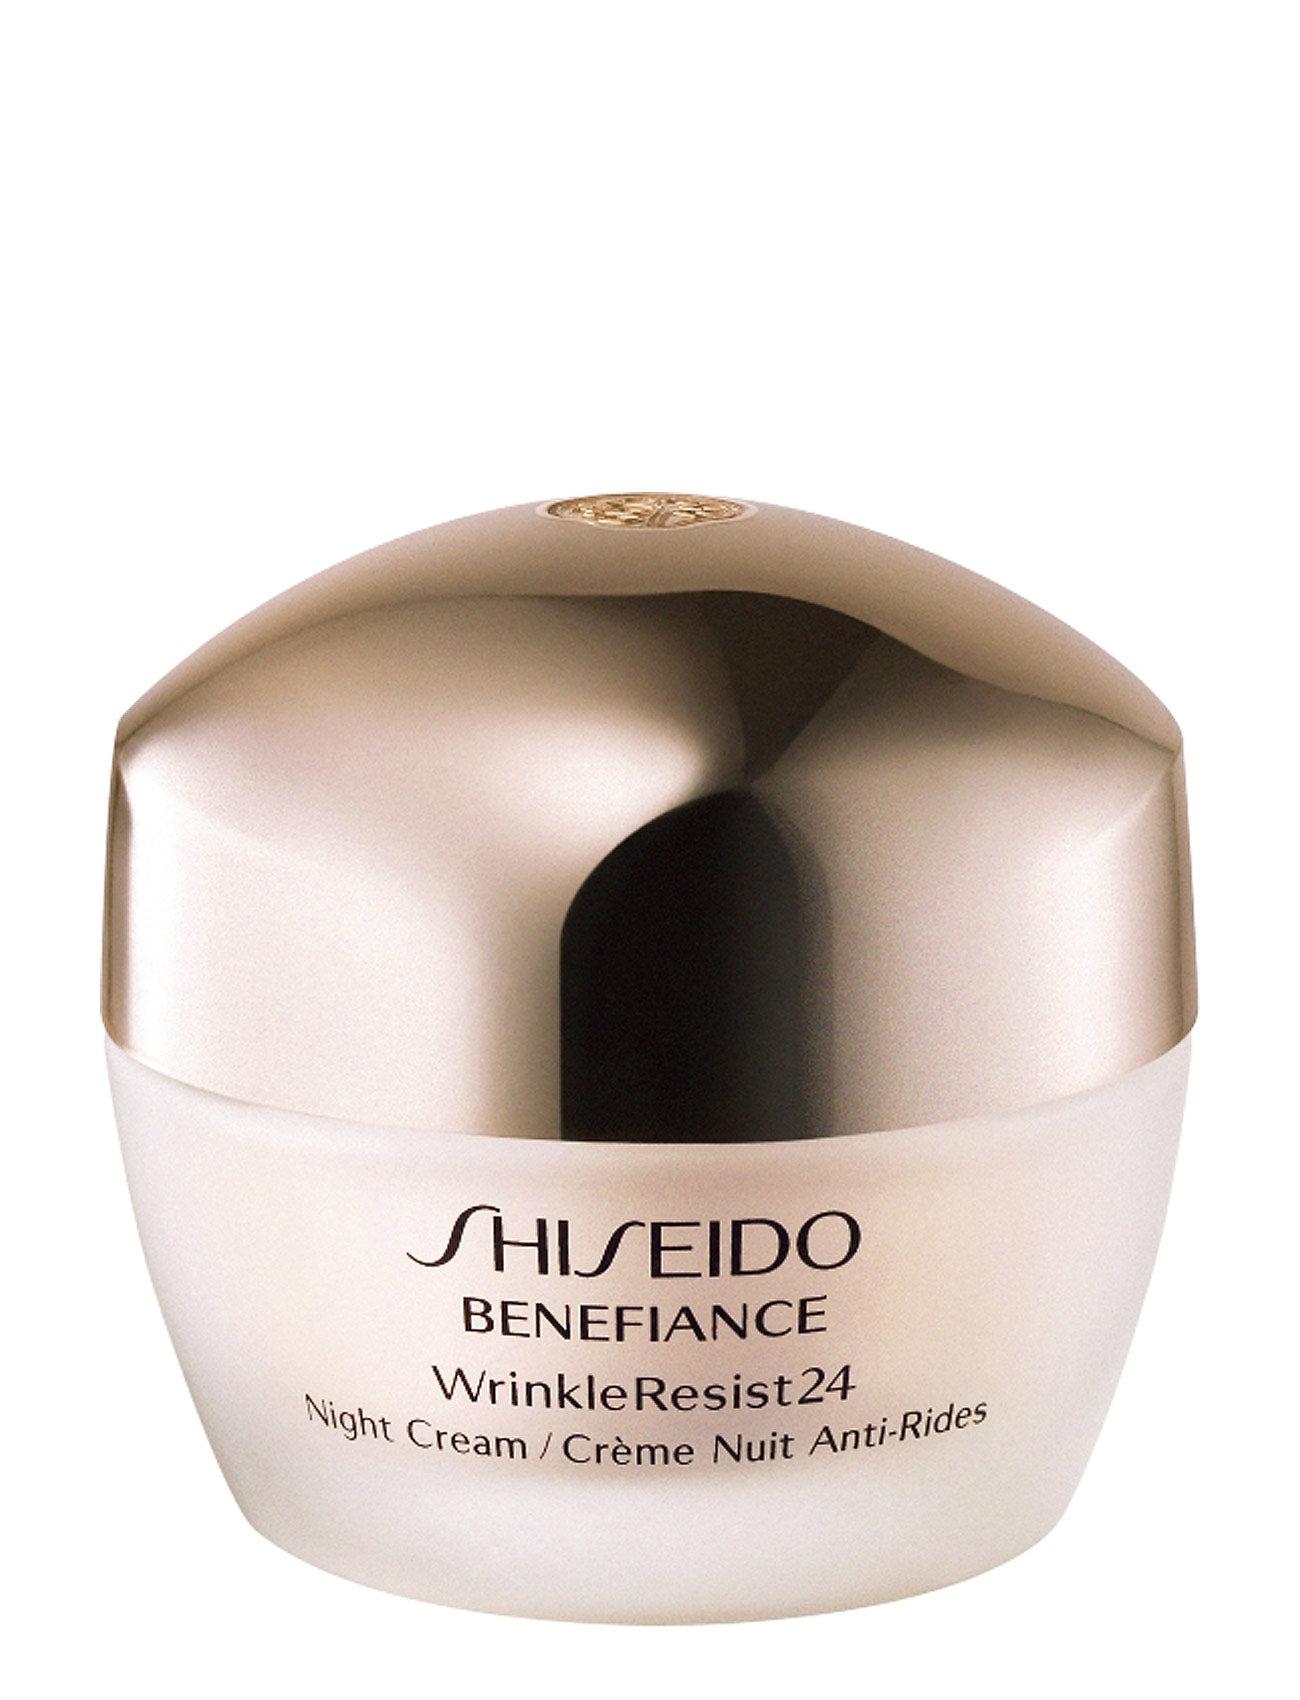 Shiseido Benefiance Wr24 Night Crea Shiseido #I/T til Kvinder i